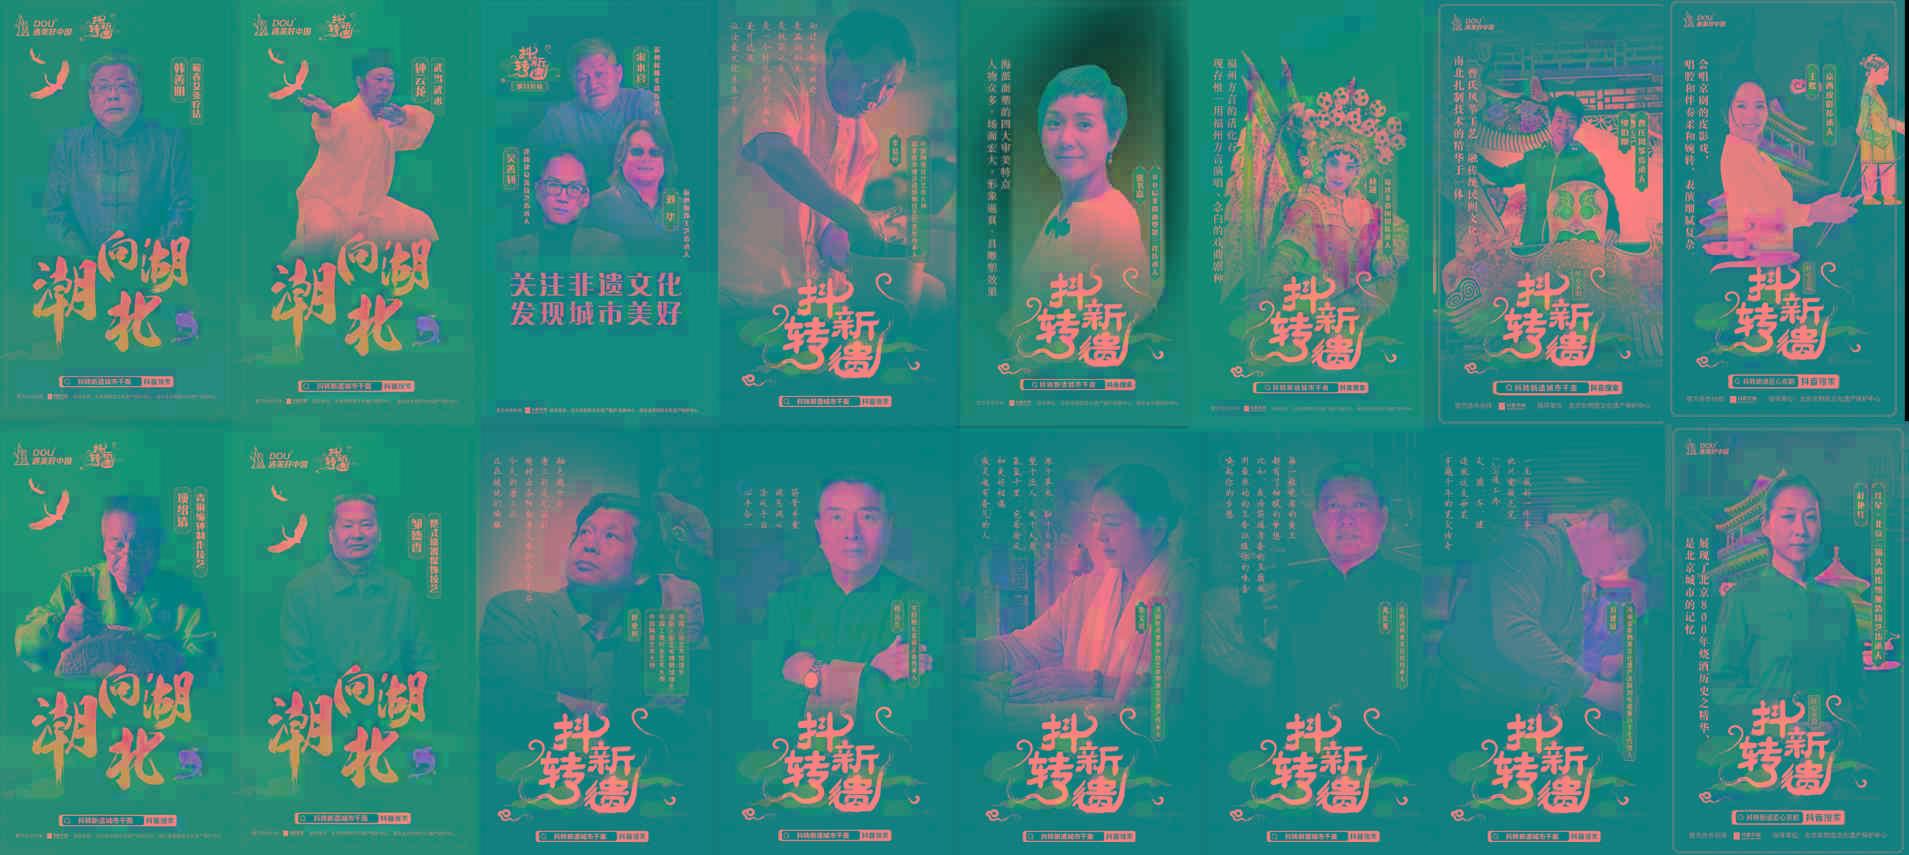 39位抖音非遗手艺人,在抖音唤醒一种文化、焕新一座城